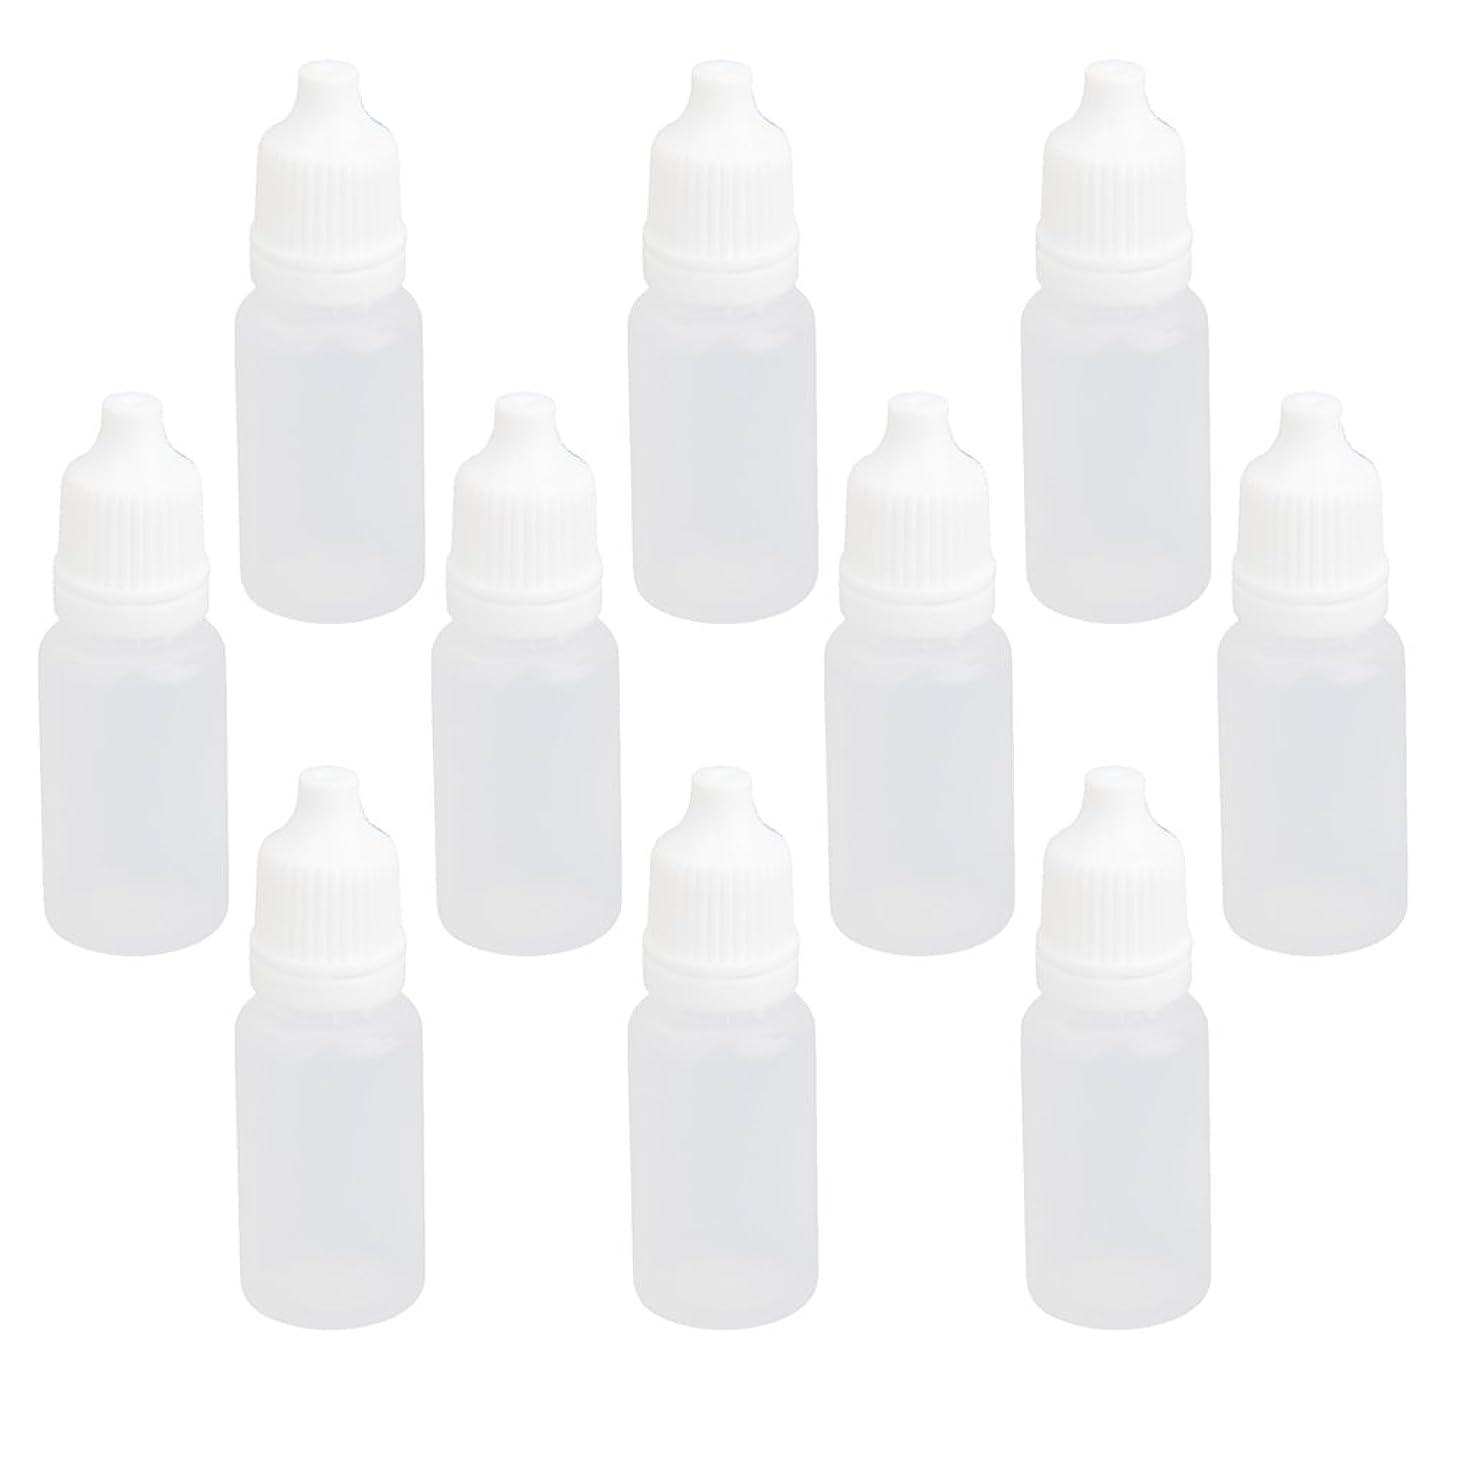 相手不可能な周囲【ノーブランド品】ドロッパーボトル 点眼 液体 貯蔵用 滴瓶 プラスチック製 10個 (10ml)